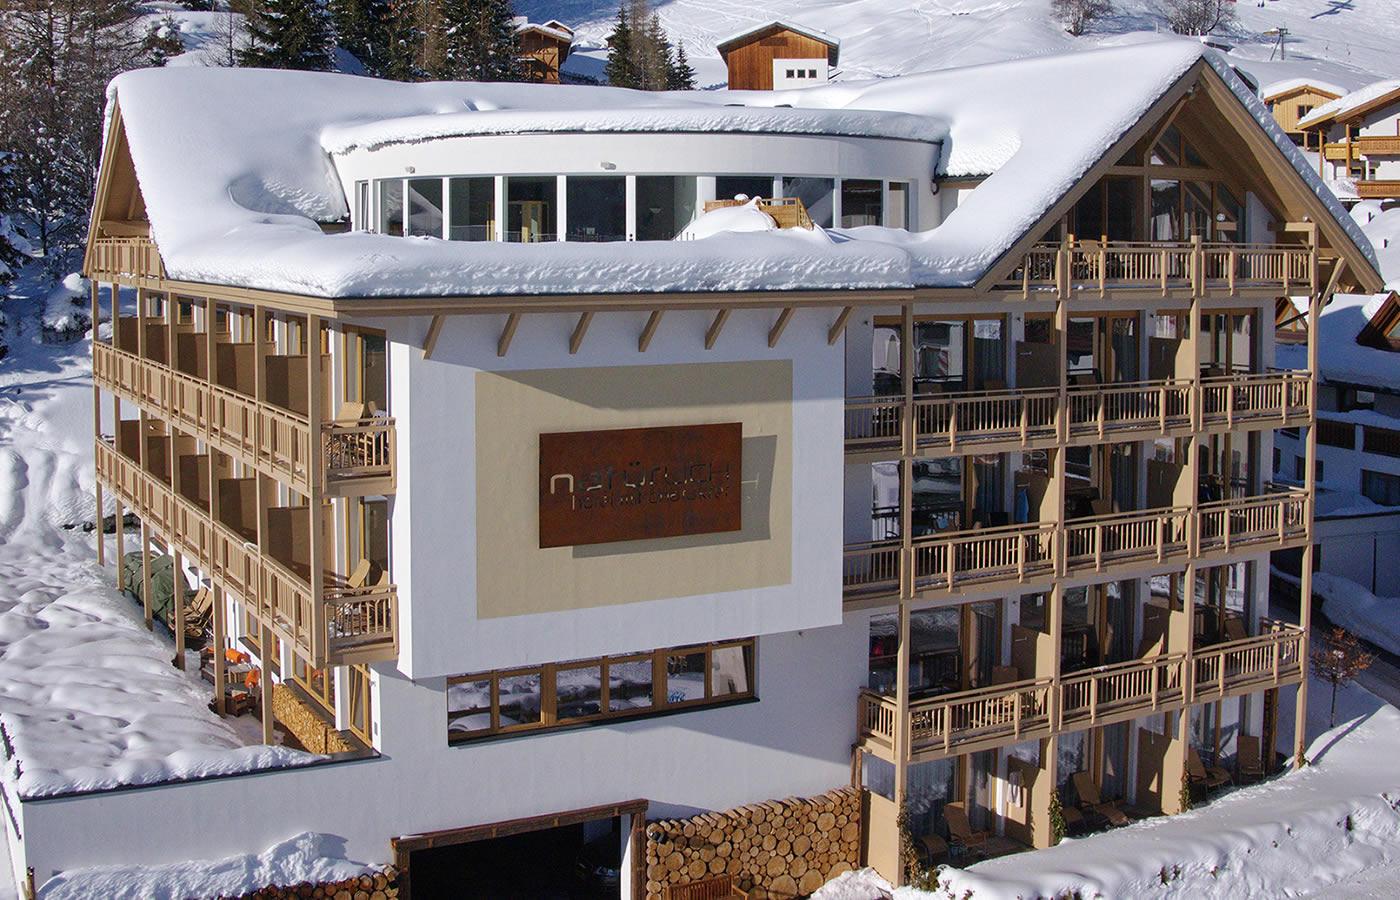 Südansciht Hotel in Serfaus-Fiss-Ladis in Tirol.